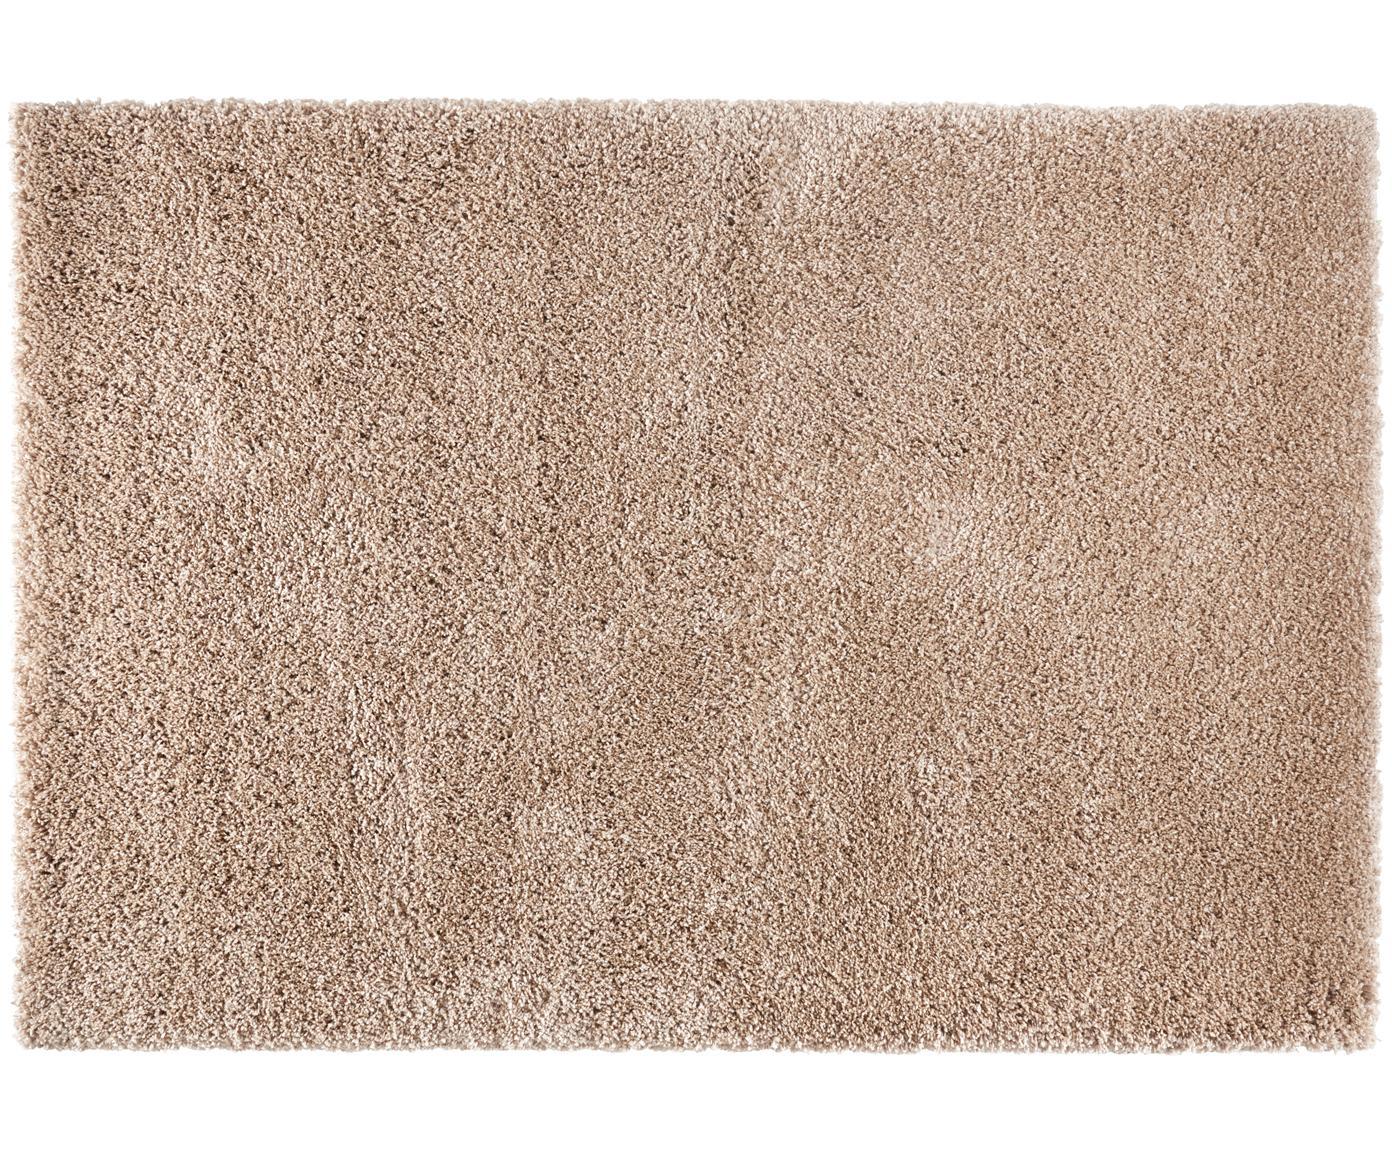 Pluizig hoogpolig vloerkleed Venice, Bovenzijde: polypropyleen, Onderzijde: jute, Bruin, B 80 x L 150 cm (maat XS)